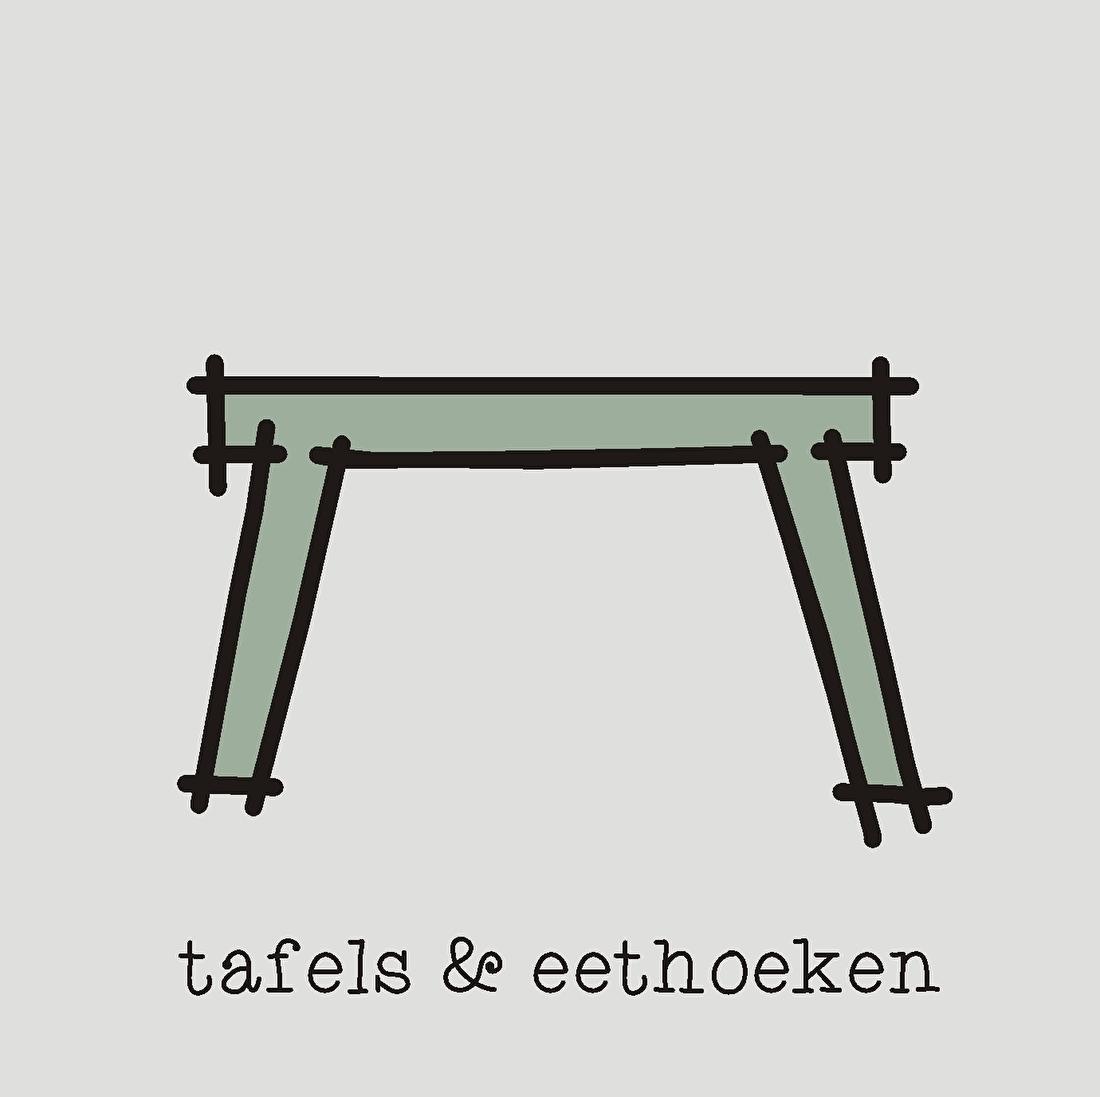 Tafels en eethoeken